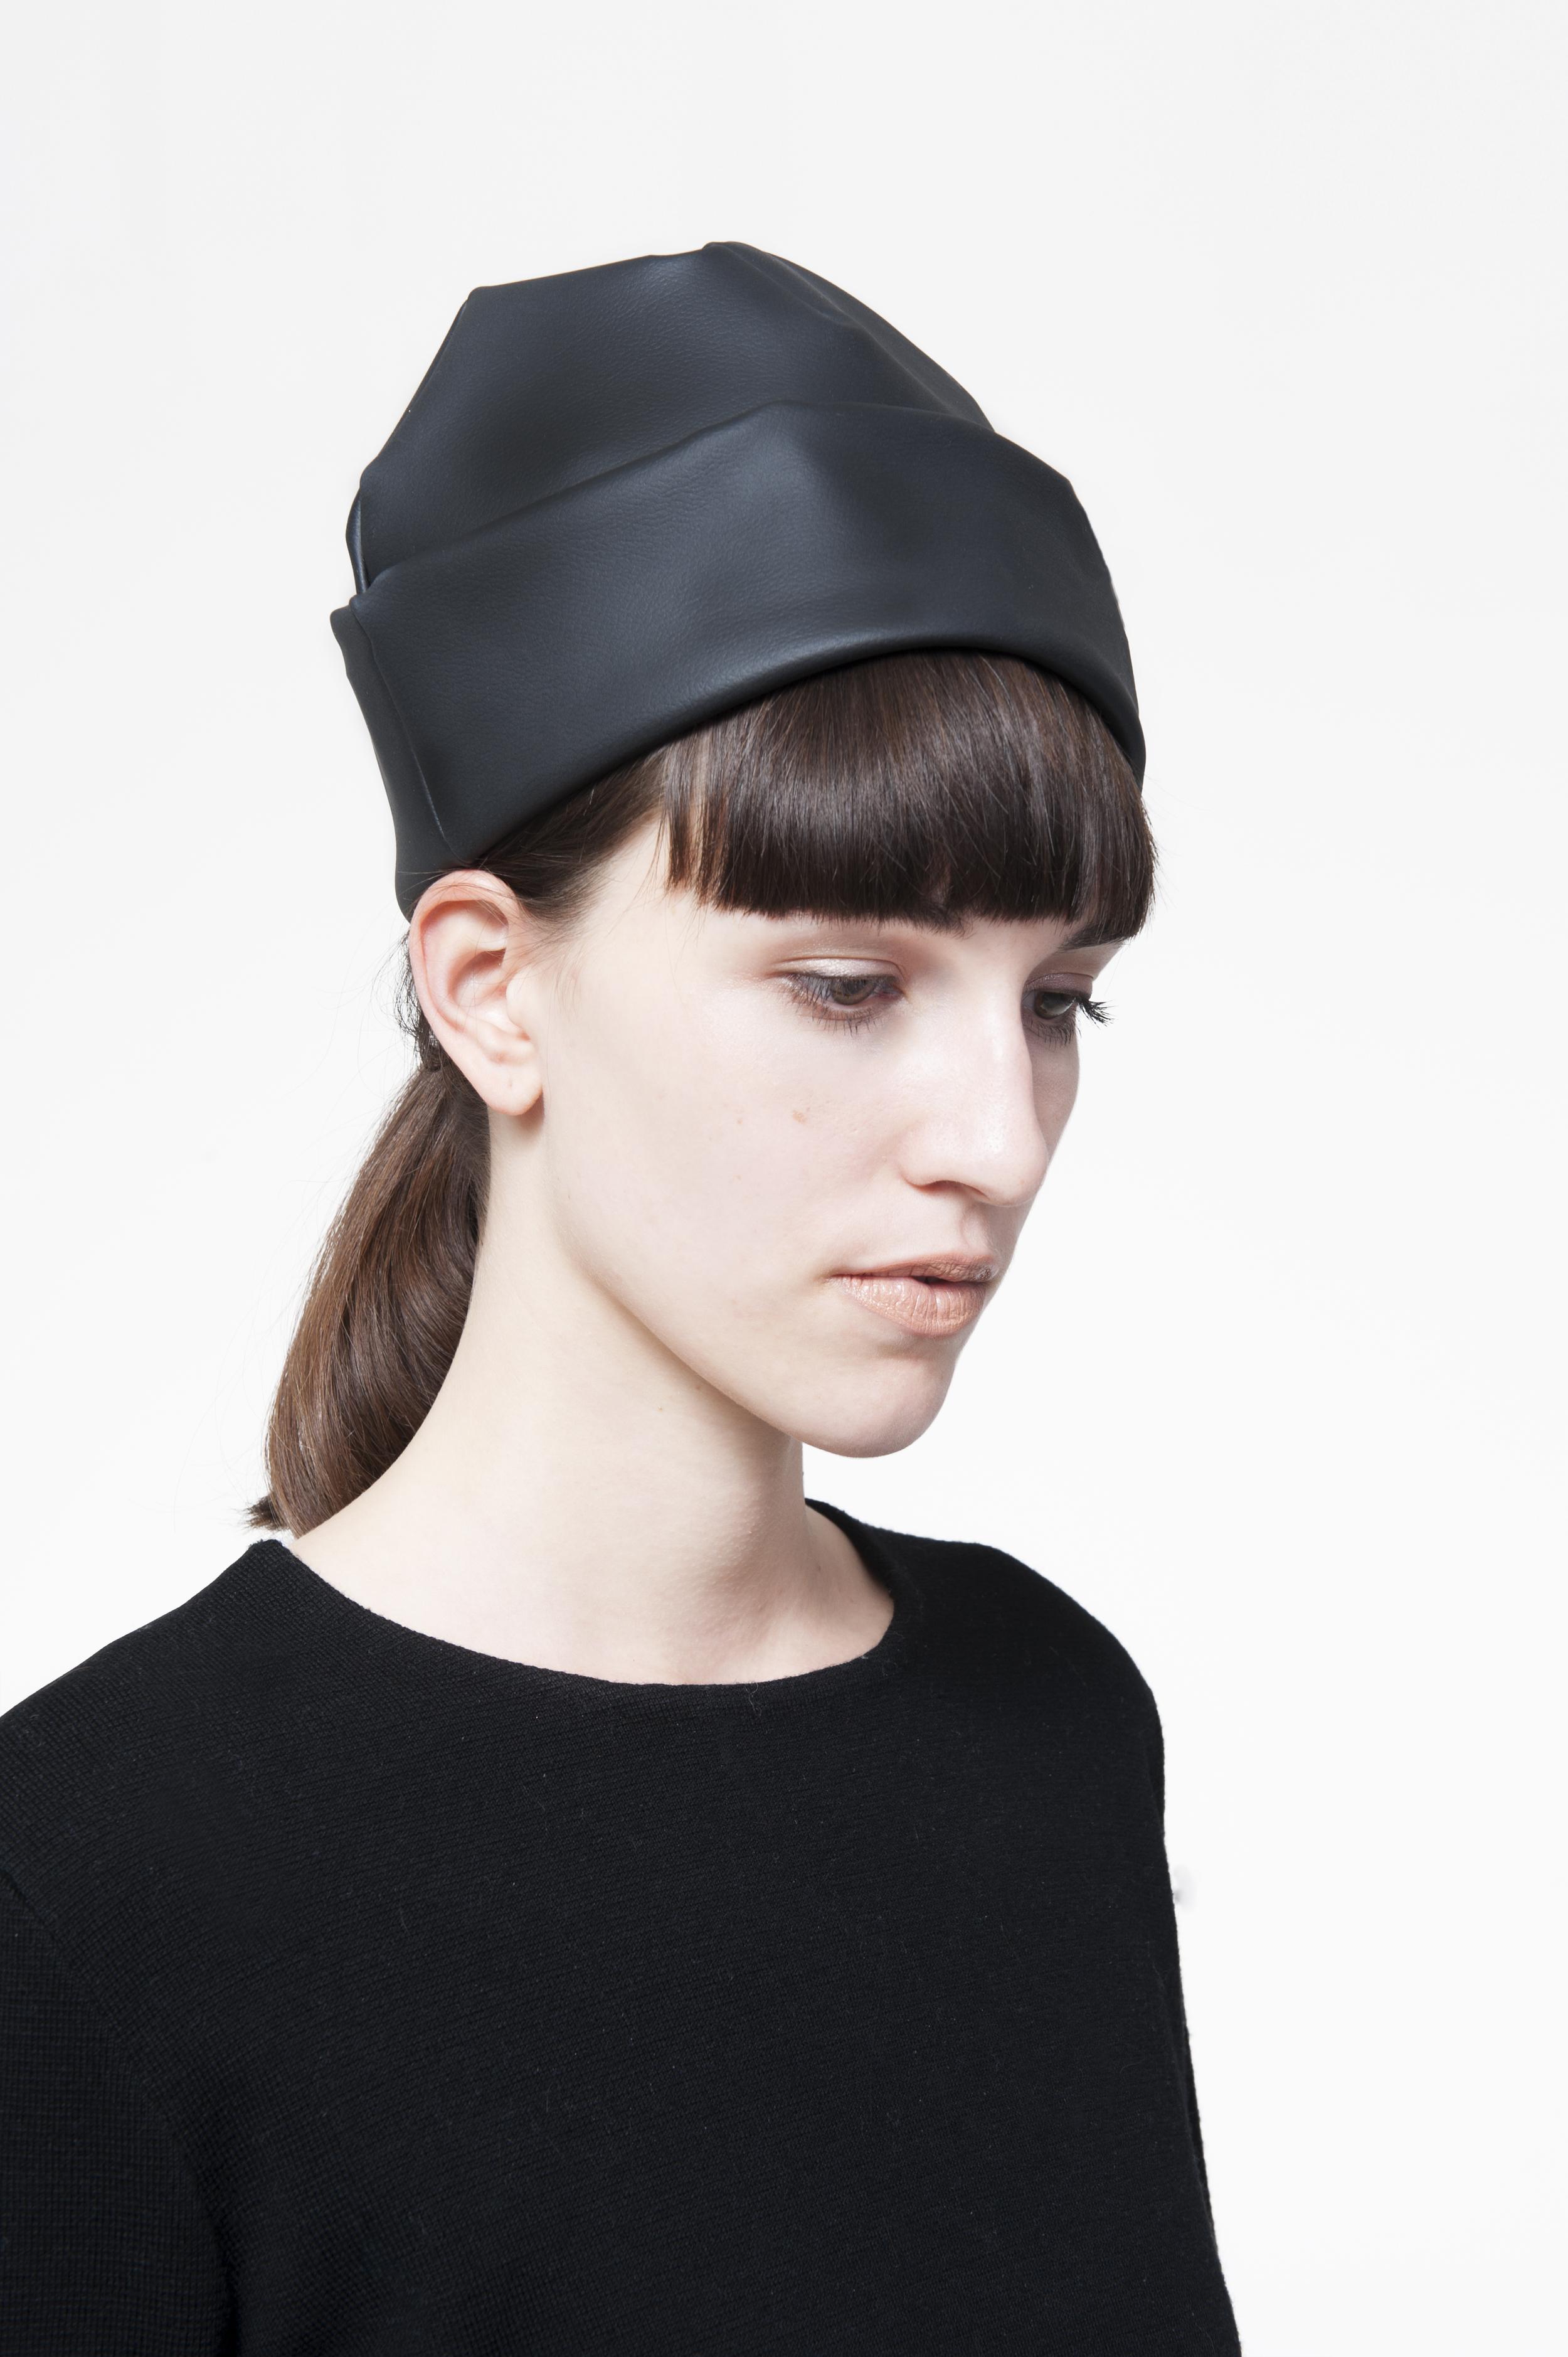 Mütze.jpg